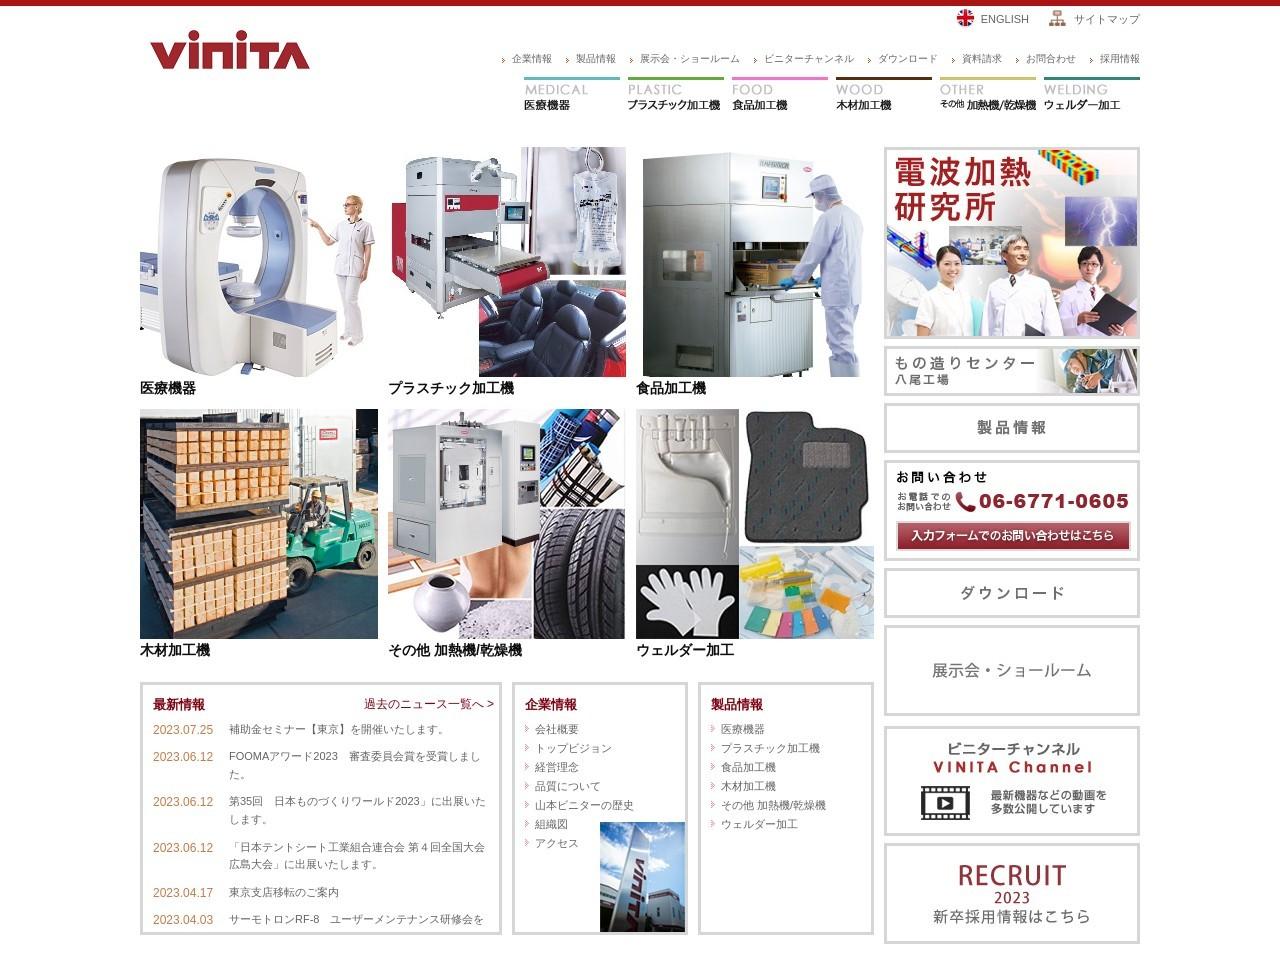 山本ビニター株式会社|高周波誘電加熱技術でグローバルニッチトップへ